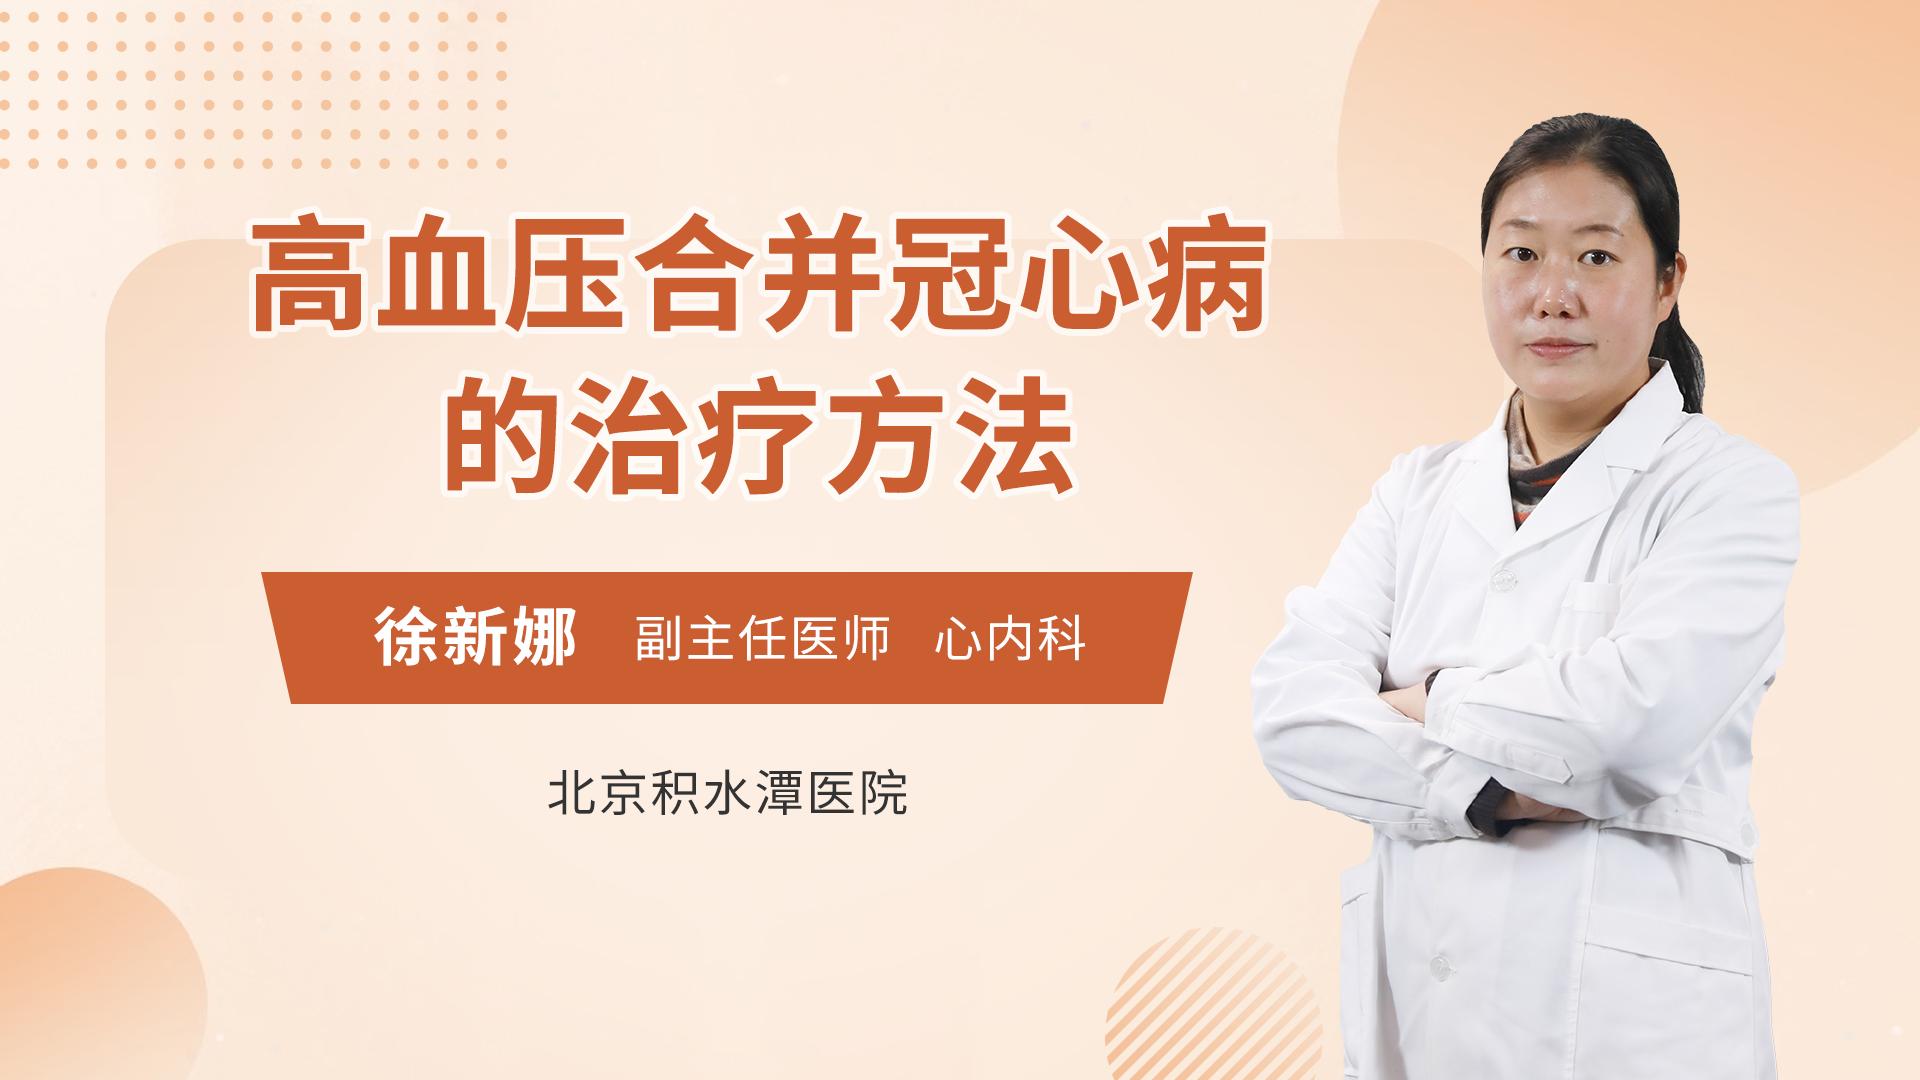 高血压合并冠心病的治疗方法